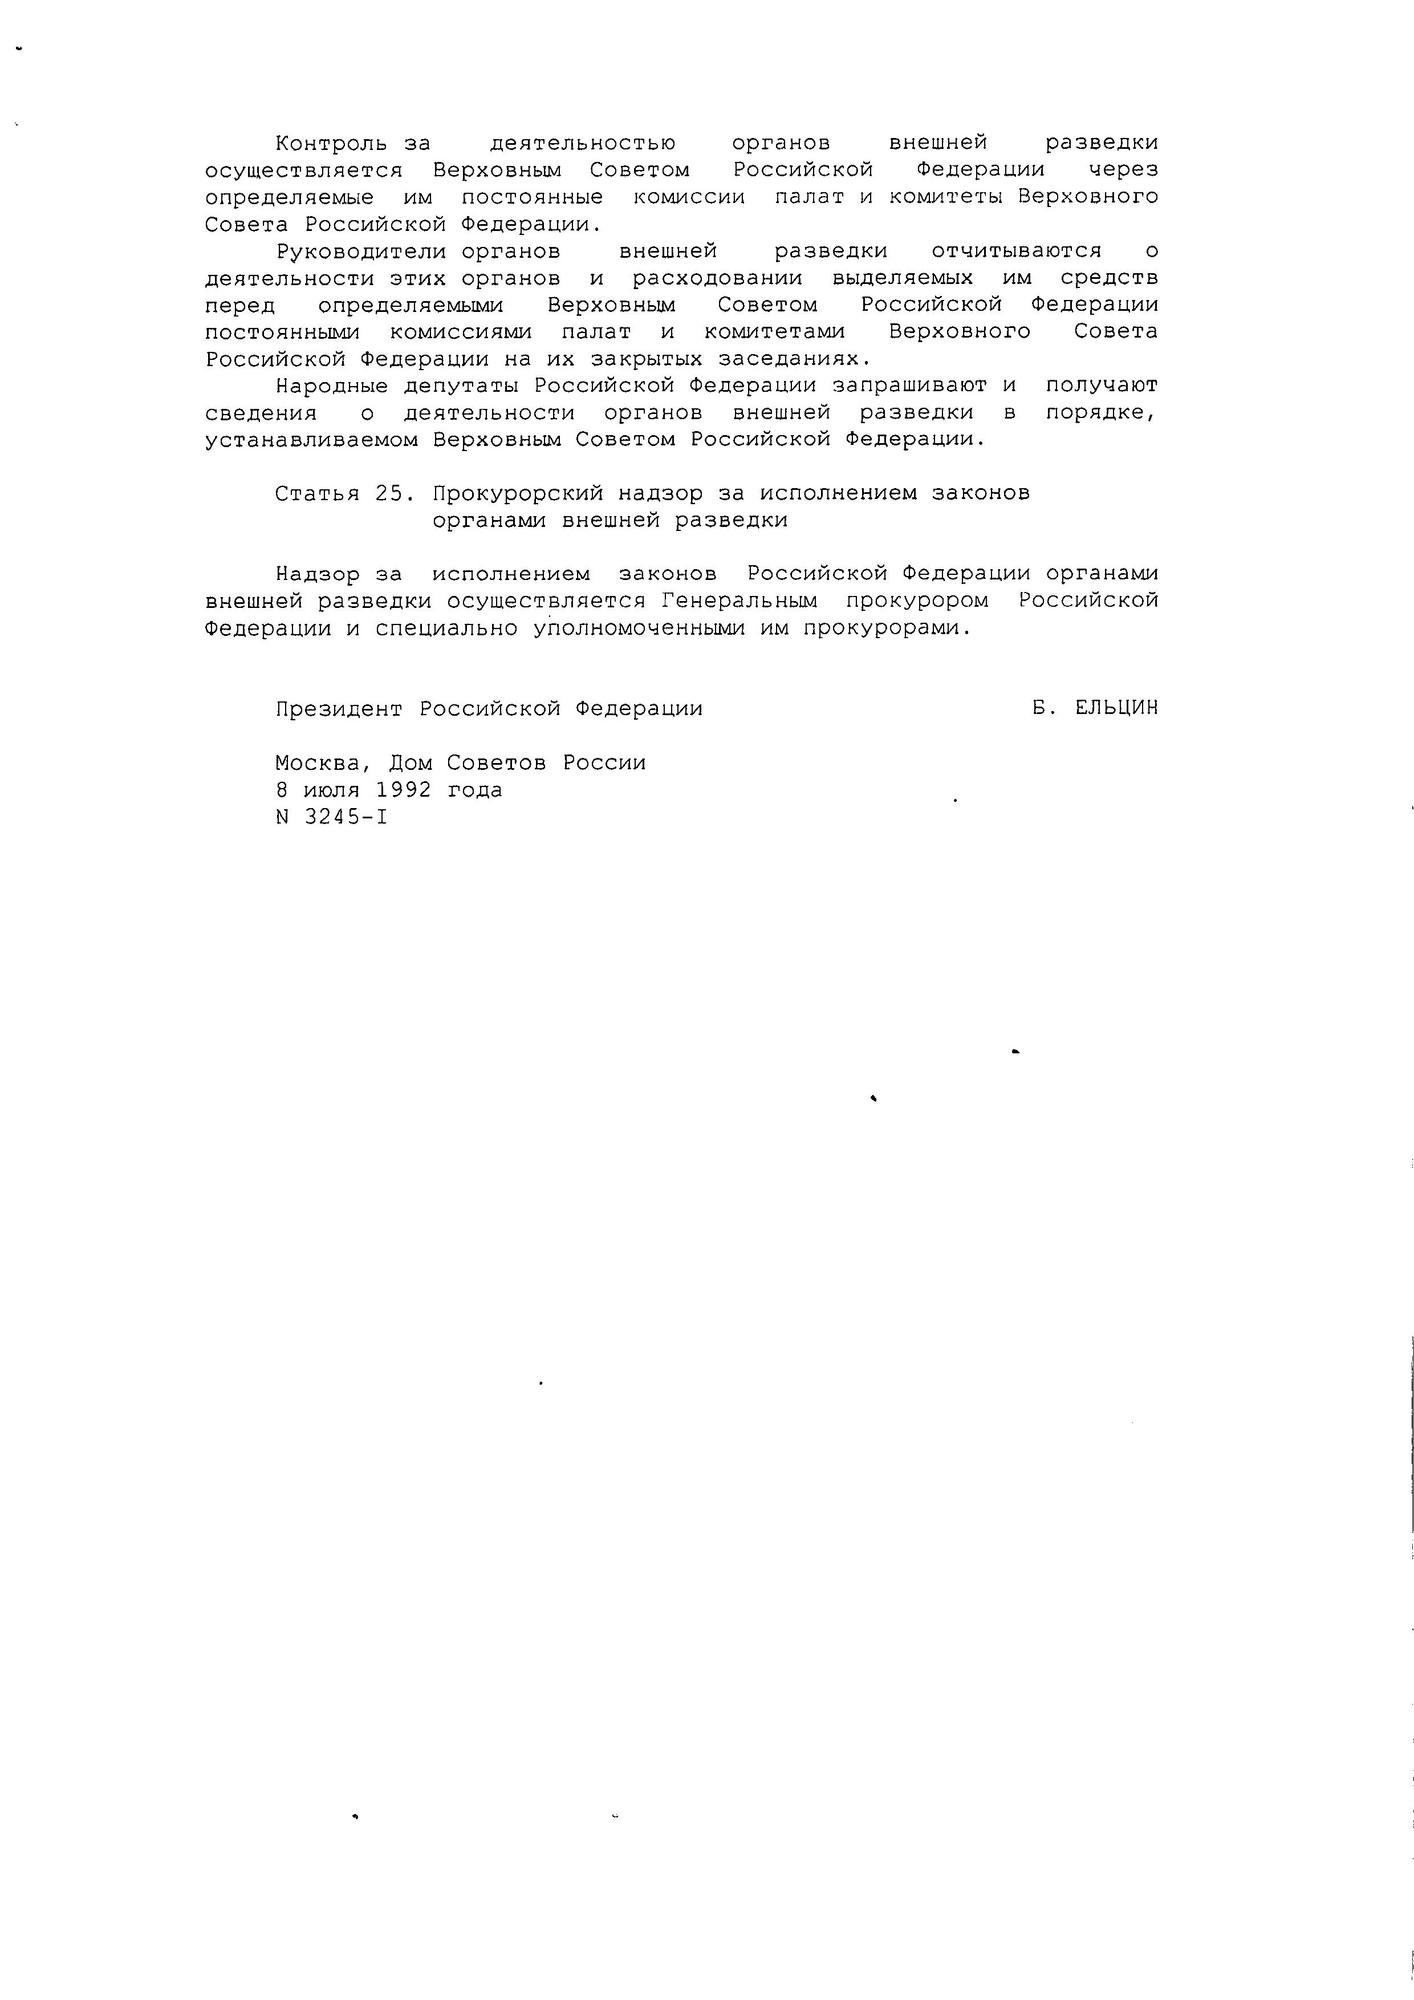 Валентин Наливайченко – український патріот чи російський шпигун?